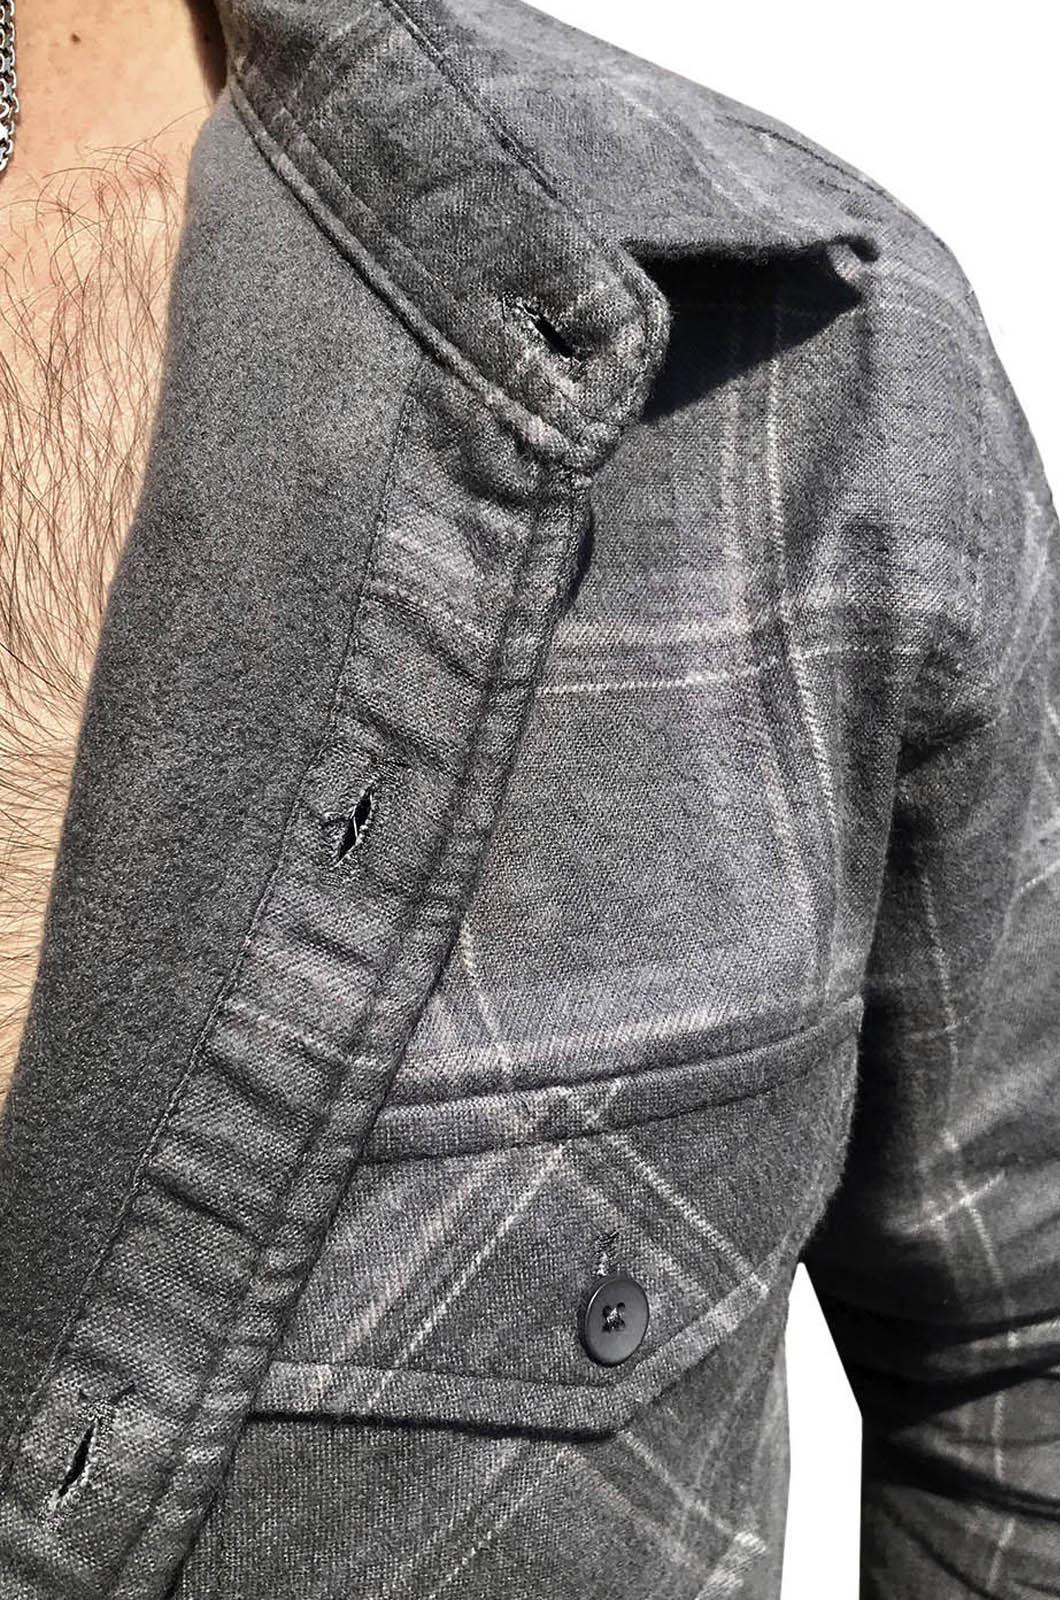 Теплая рубашка с вышитым полевым шевроном Новороссия - заказать онлайн